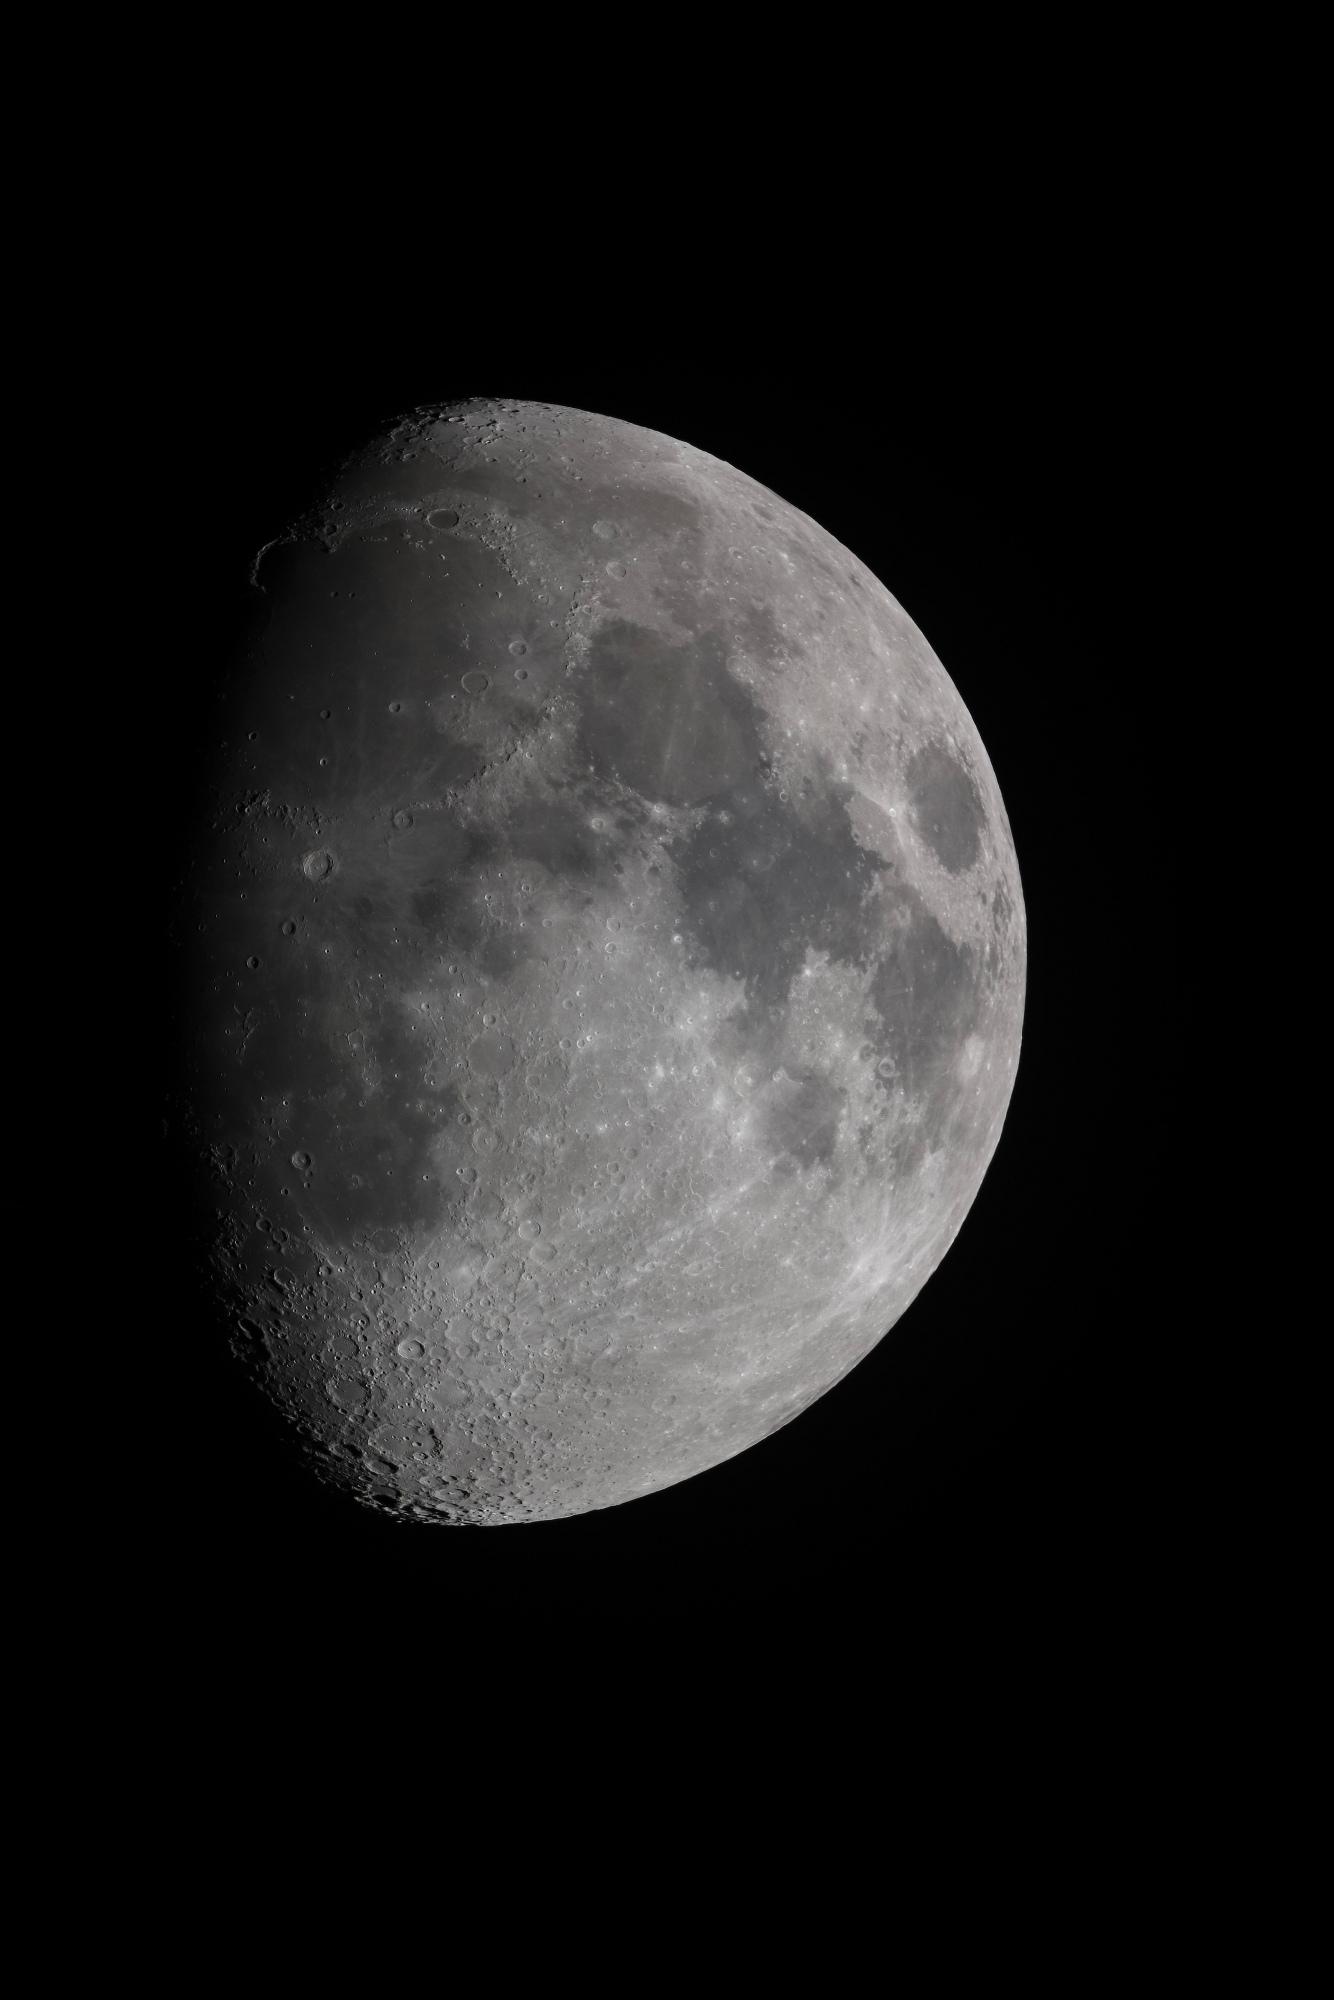 5c8d6c7b8495e_lune16_03.19bis.thumb.jpg.2ed44aafbf1064c43b7c7f58a524d07b.jpg